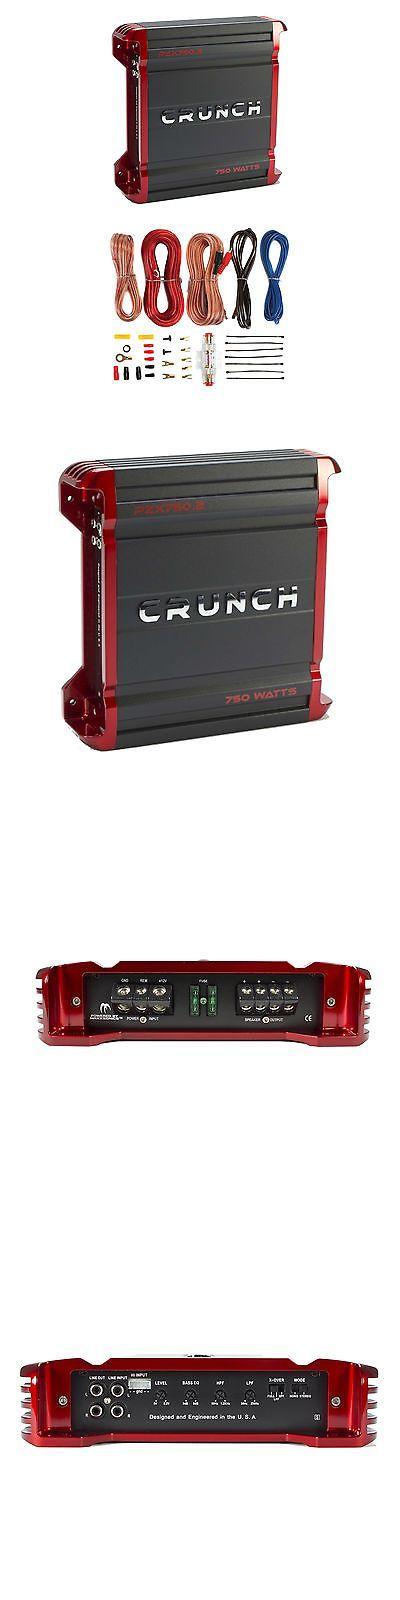 Car Amplifiers: Crunch 750 Watt 2 Channel Powerzone Class A B Car Amplifier + 8 Gauge Wiring Kit -> BUY IT NOW ONLY: $56.95 on eBay!